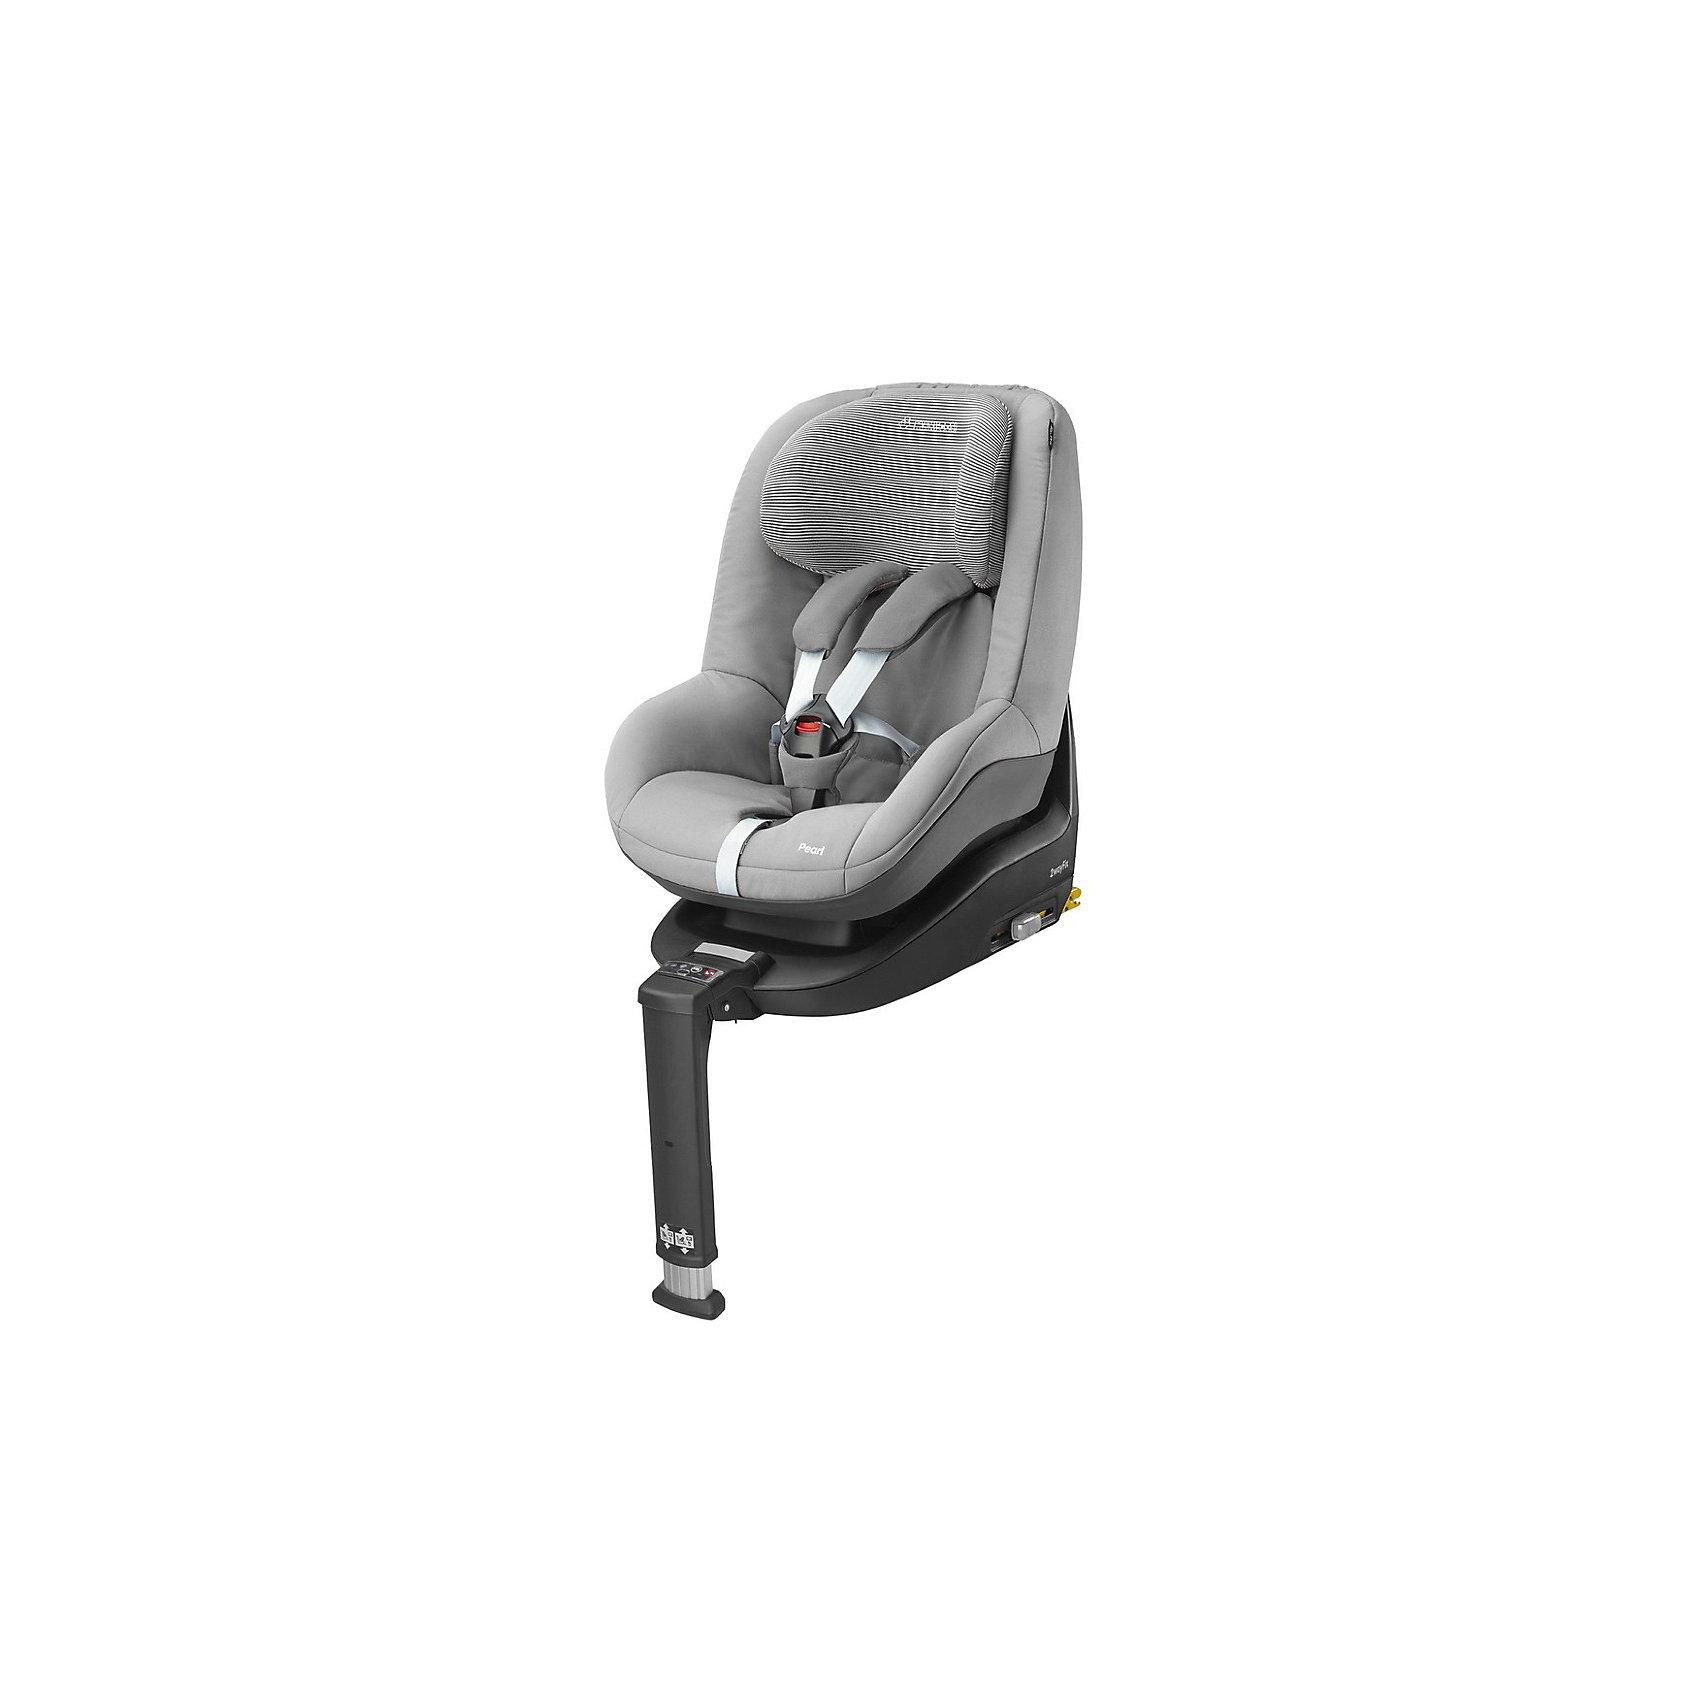 Автокресло Pearl 9-18 кг., Maxi-Cosi, Concrete GreyMaxi-Cosi Pearl - это невероятно удобное, простое в установке и эксплуатации автокресло, будет прекрасным сюрпризом для Вас и Вашего малыша. Ребенок будет чувствовать себя комфортно даже в самых дальних поездках, а Вам не придется переживать о его безопасности.<br>Автокресло рассчитано для детей от 9 месяцев до 4 лет. Так же, имеет пяти точечный ремень безопасности и подголовник оснащенной мягкой ортопедической вставкой.<br><br>Особенности:<br>- Автокресло крепится только при помощи базы FamilyFix (приобретается отдельно) одним движением.<br>- Устанавливается кресло по ходу движения автомобиля на заднее сиденье.<br>- Пяти точечный ремень безопасности.<br>- Отпрыгивающие ремешки для легкой посадки ребенка.<br>- Централизованная система натяжения ремней.<br>- 5 положений наклона спинки сидения. <br>- Кресло оснащено дополнительной защитой в области шеи и головы ребенка, что обеспечивает максимальную безопасность при поворотах или во время аварии.<br>- Высота подголовника может фиксироваться в 7 положениях.<br>- Можно снять и постирать в стиральной машине (на бережном режиме) или вручную (при температуре воды 30 градусов).<br><br>Дополнительная информация:<br><br>- Возраст: от 9 месяцев до 4 лет. ( от 9 до 18 кг.)<br>- Цвет: Concrete Grey.<br>- Материал: пластмасса, текстиль.<br>- Размер: 53х45х61 см.<br>- Вес в упаковке: 6 кг.<br><br>Купить автокресло Pearl (9-18 кг.) в цвете Concrete Grey, можно в нашем магазине.<br><br>Ширина мм: 475<br>Глубина мм: 595<br>Высота мм: 610<br>Вес г: 7250<br>Возраст от месяцев: 4<br>Возраст до месяцев: 48<br>Пол: Унисекс<br>Возраст: Детский<br>SKU: 4975099